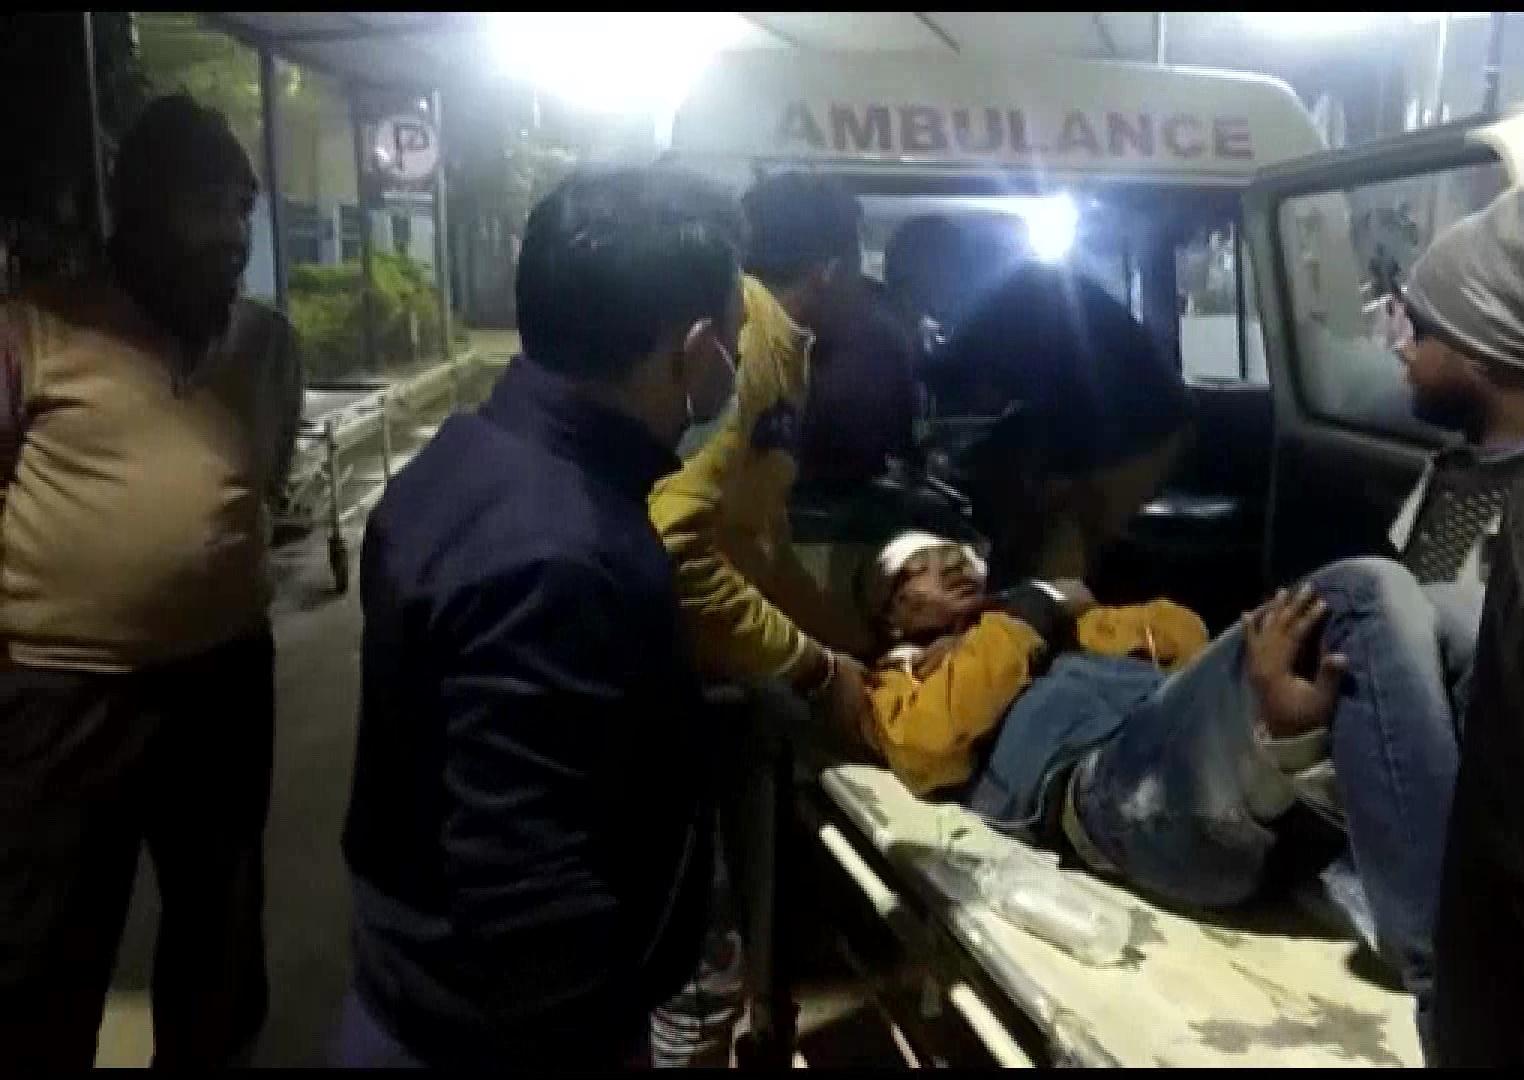 कोहरे के चलते जलपाईगुड़ी में बड़ा हादसा, 13 लोगों की मौत, पीएम ने जताया दुख